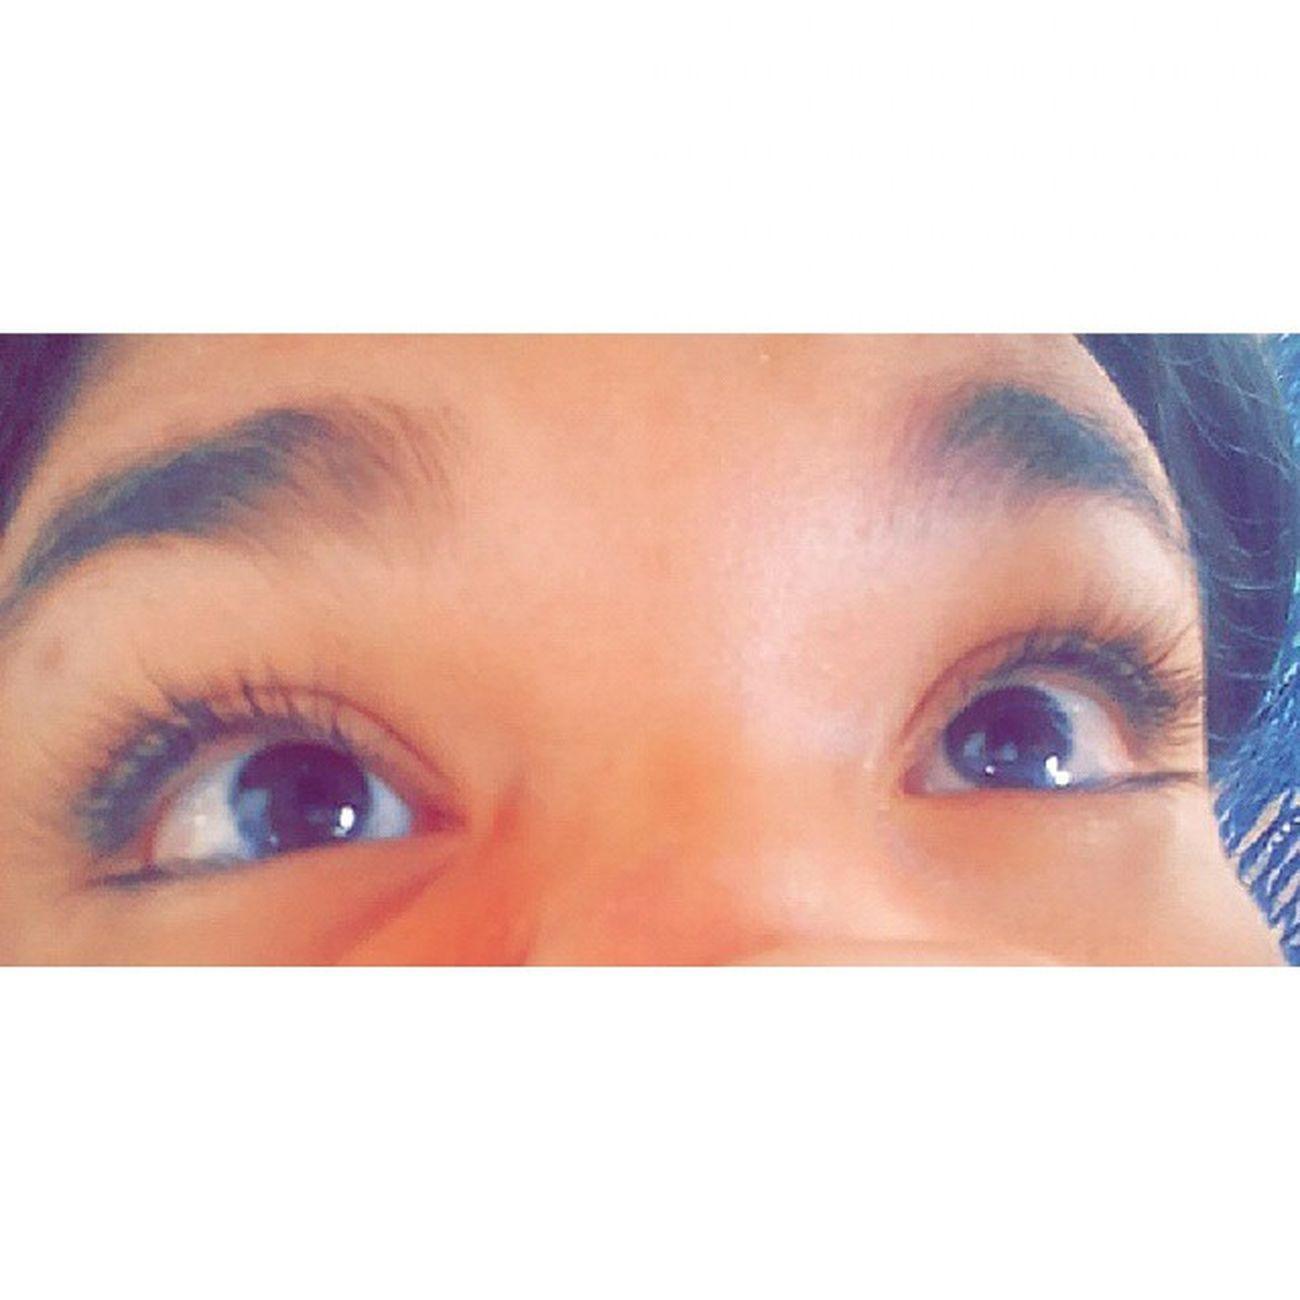 Dicen que los ojos son las ventanas del alma... 🍃💟 OjosChinos Beautifuleyes Eyes Lovemyeyes Quotes Phrases Lovequotes Smalleyes Georgous Loveit Pestañaslargas Natural Nomakeup Noneedmakeup Amazingeyes Loveeyes Tb Instasize Instabox Instasquare